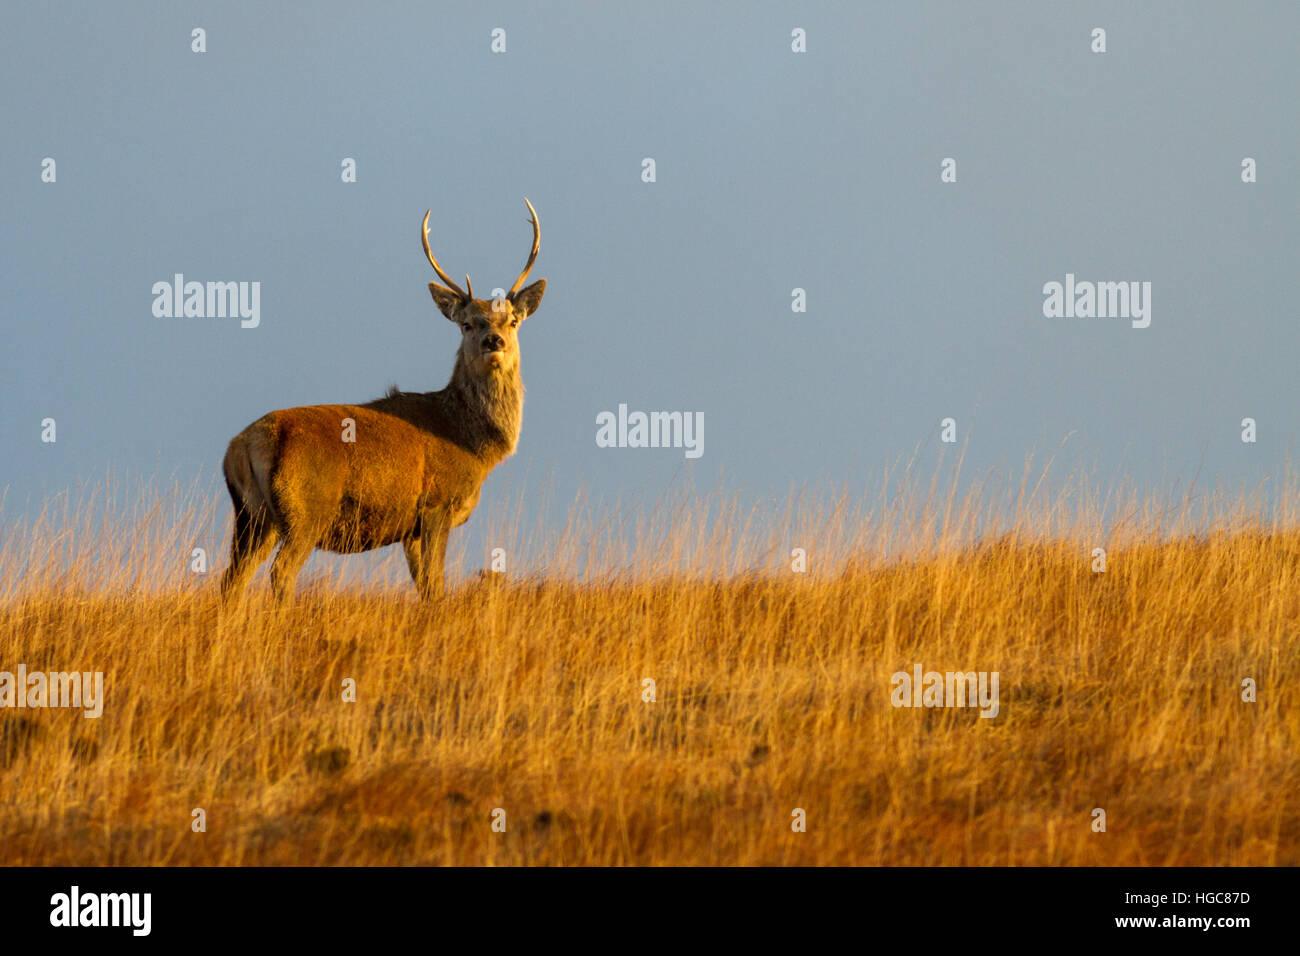 Red Deer Stag at Dawn, Isle of Jura - donde la gente está numerado c. De 30 a 1 por el ciervo rojo. Escocia Foto de stock